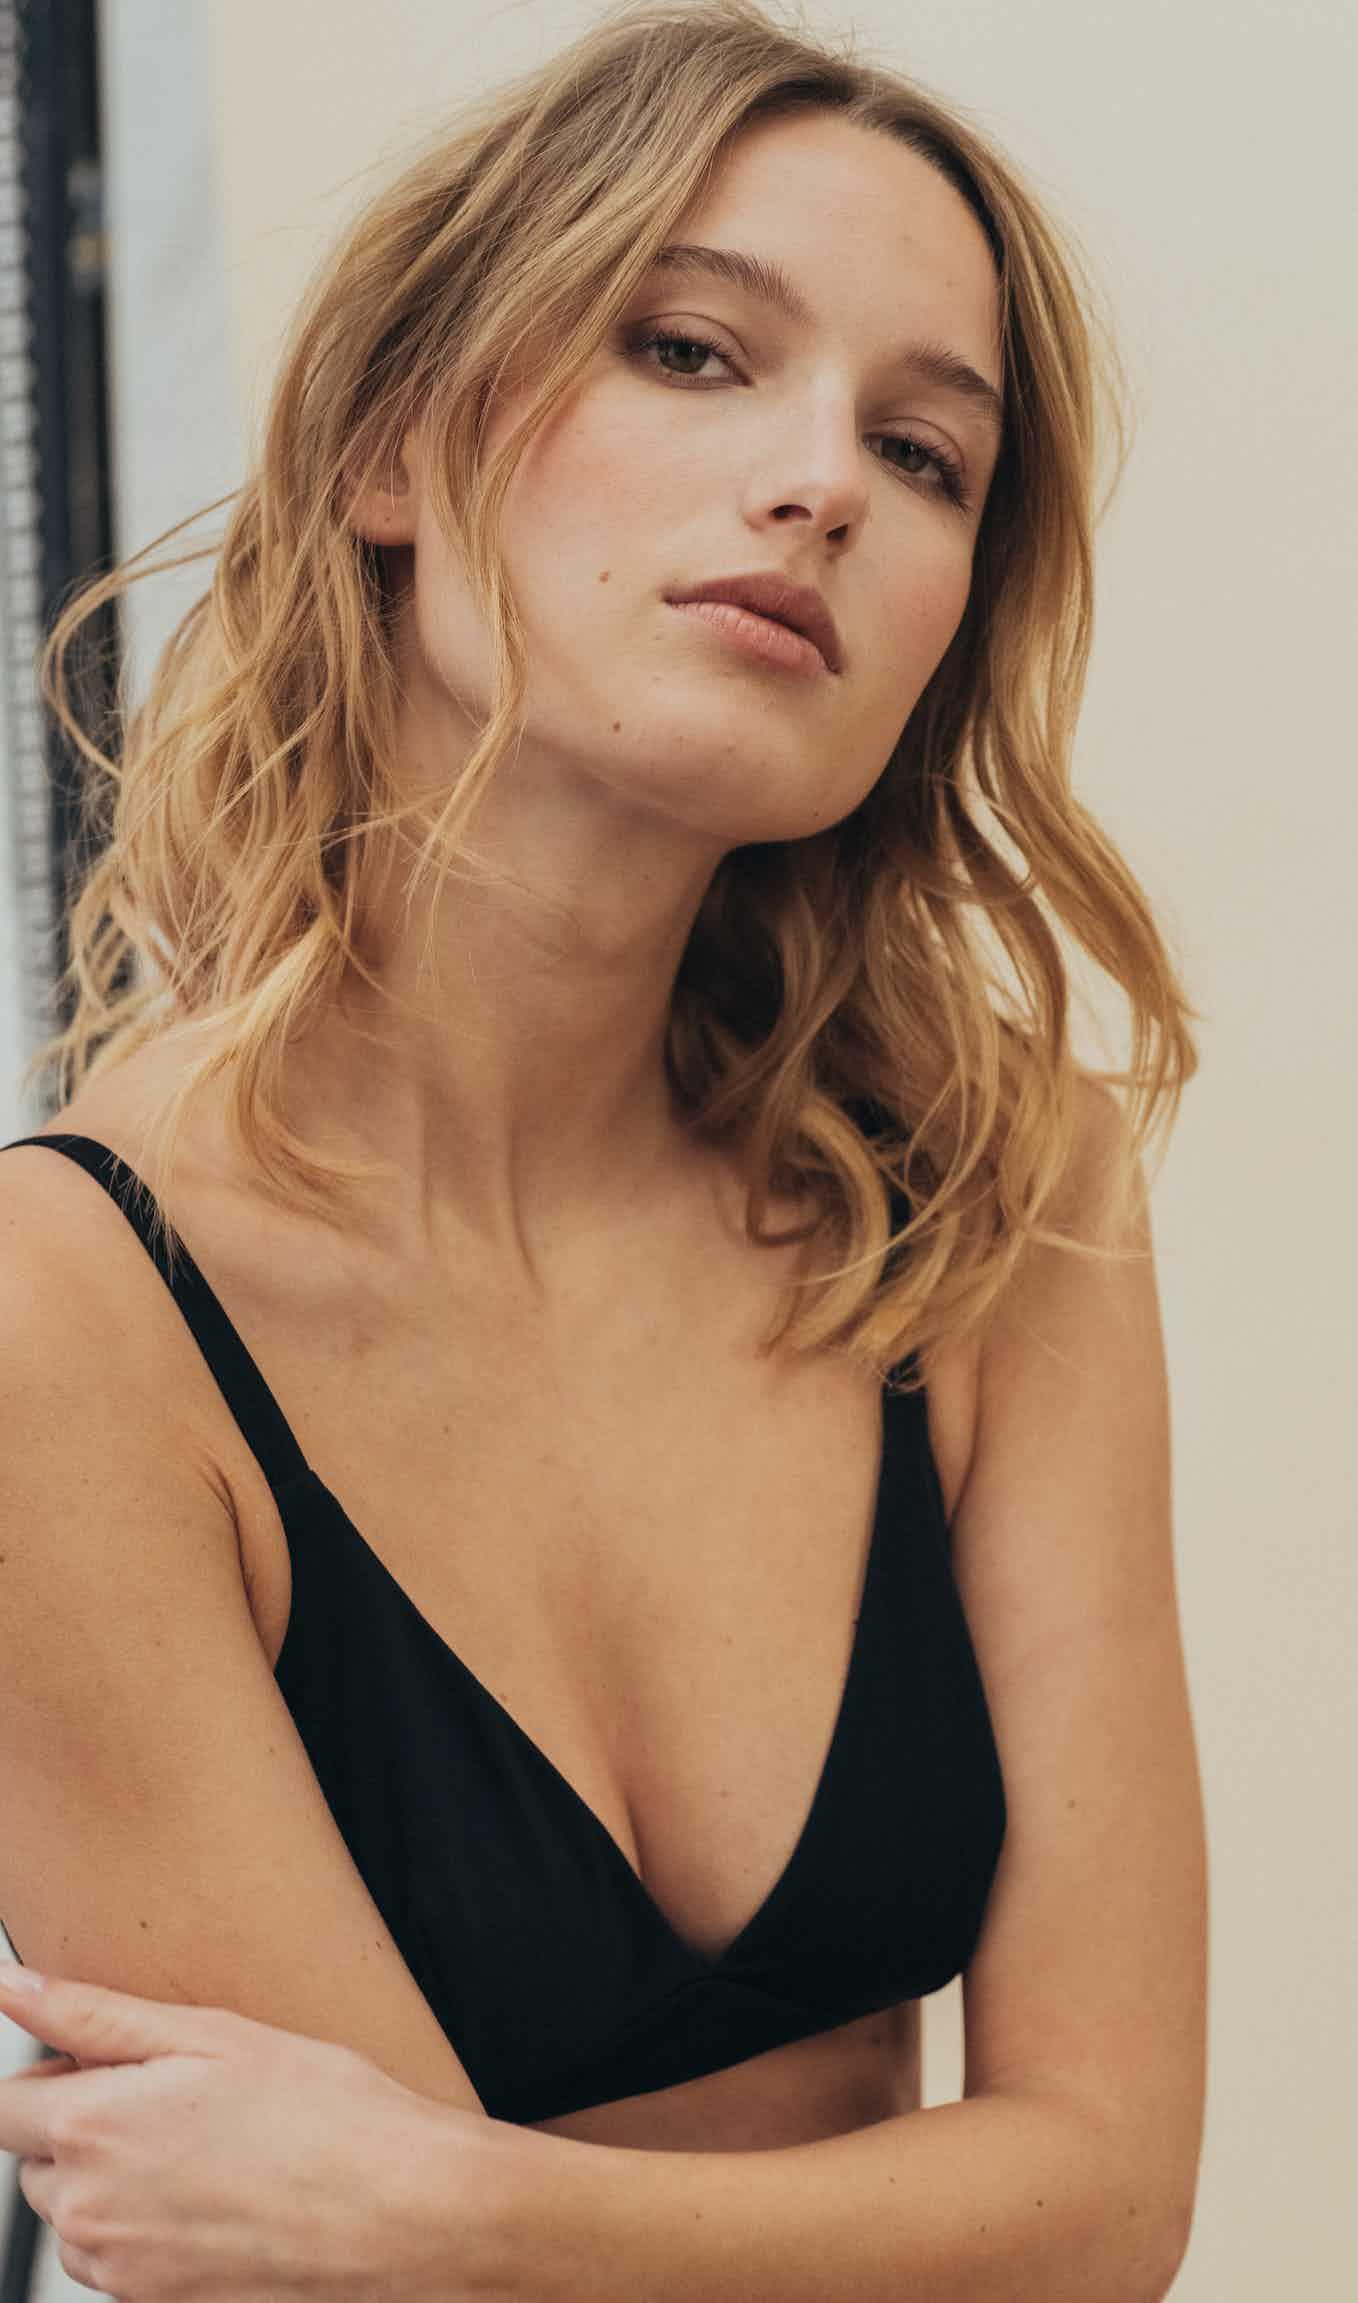 À fleur de peau Triangle bra in black